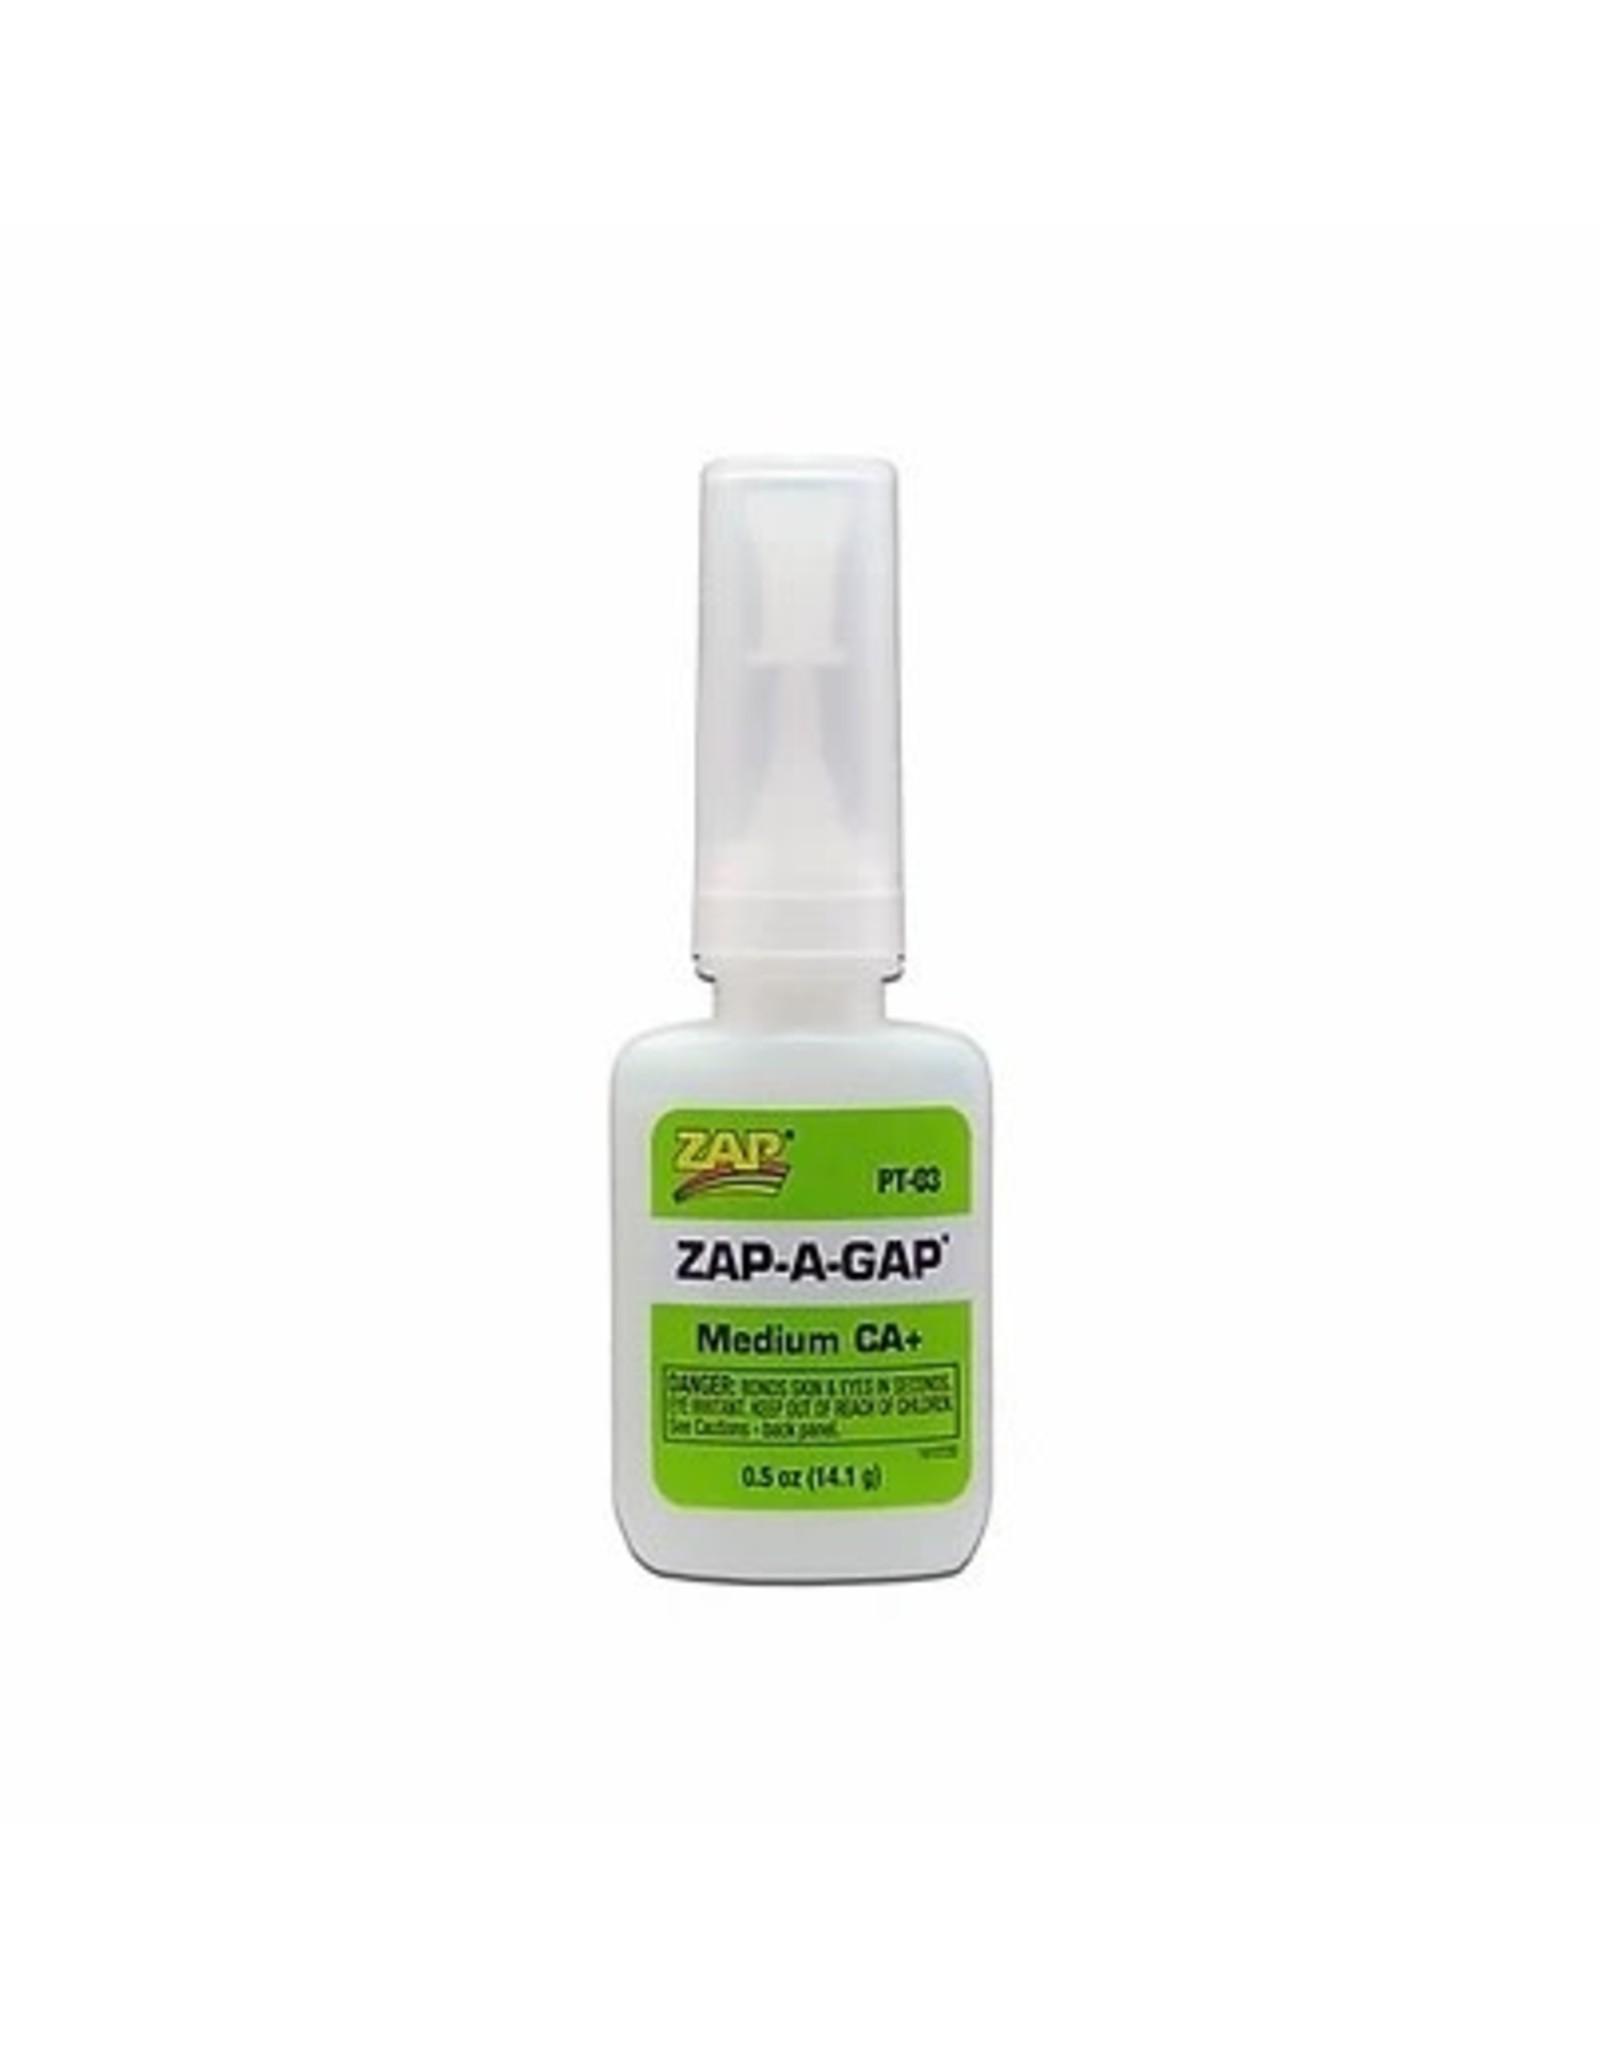 Pacer Tech Zap-a-Gap